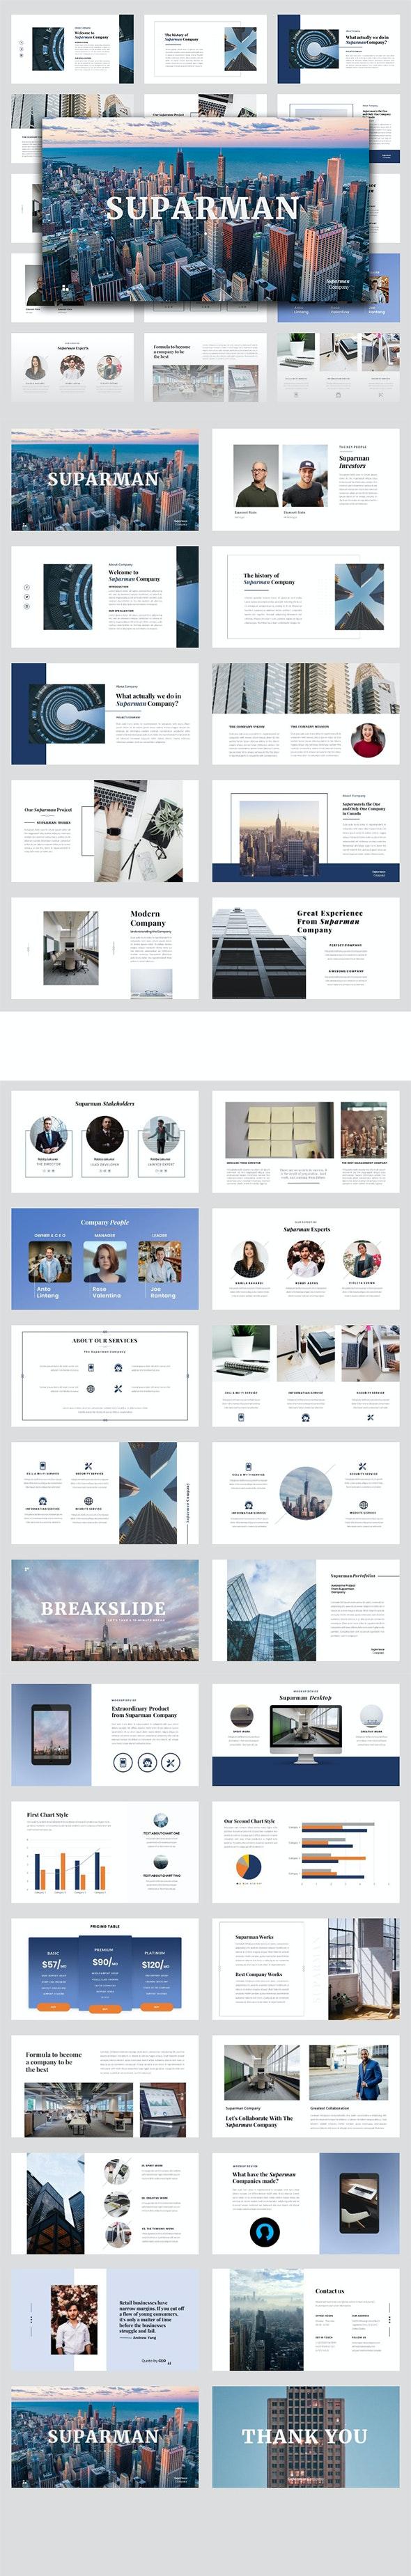 Suparman – Business Google Slides Template - Google Slides Presentation Templates